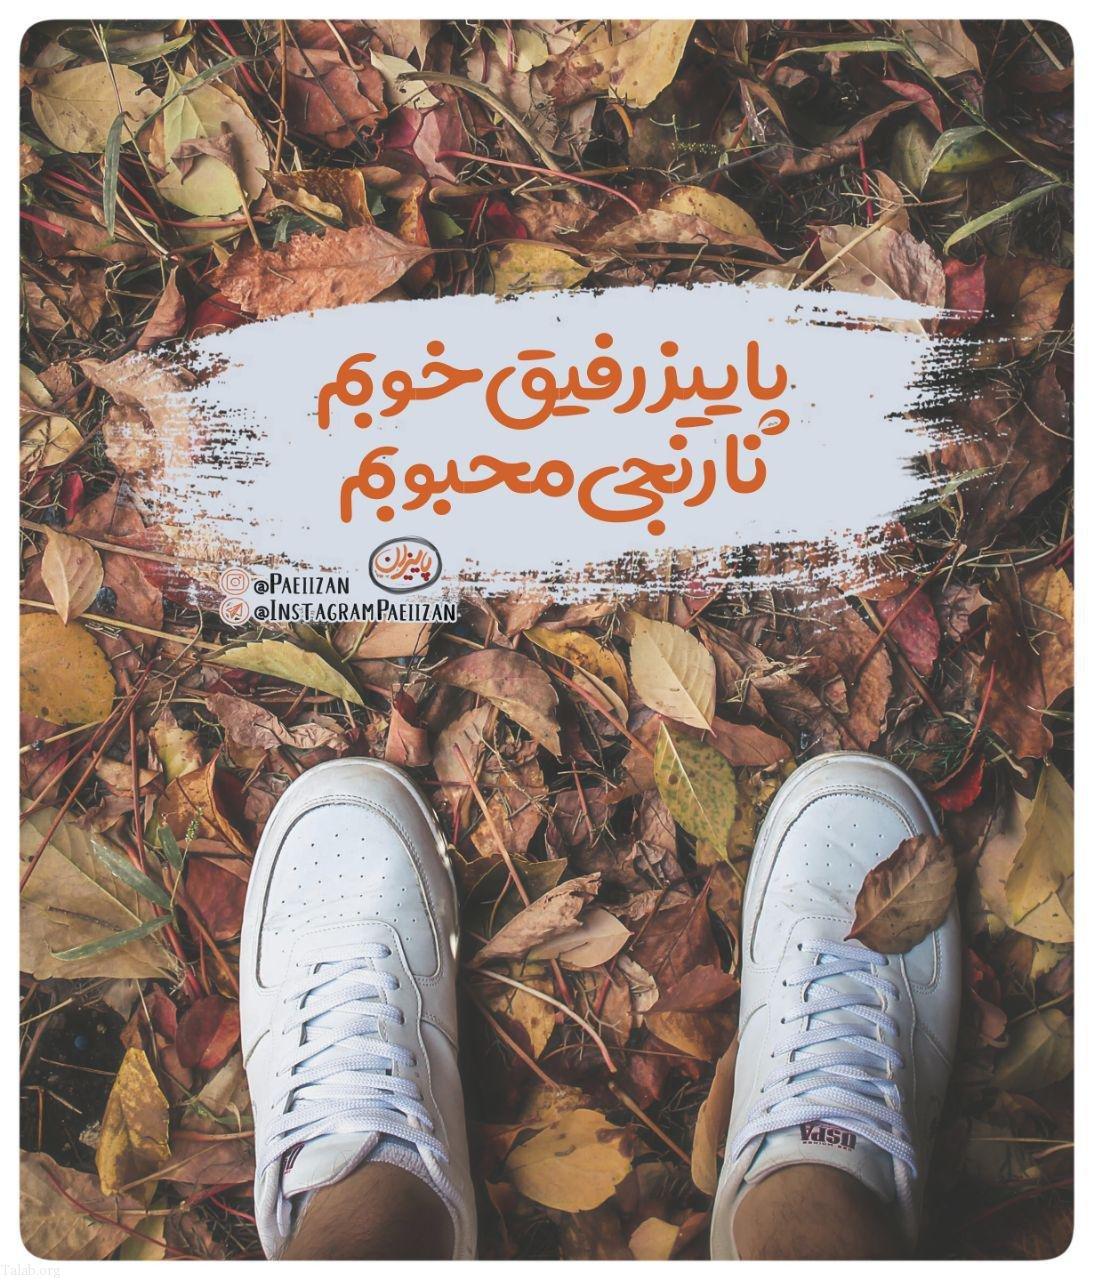 عکس پروفایل پاییز | متن و عکس نوشته های عاشقانه پاییز